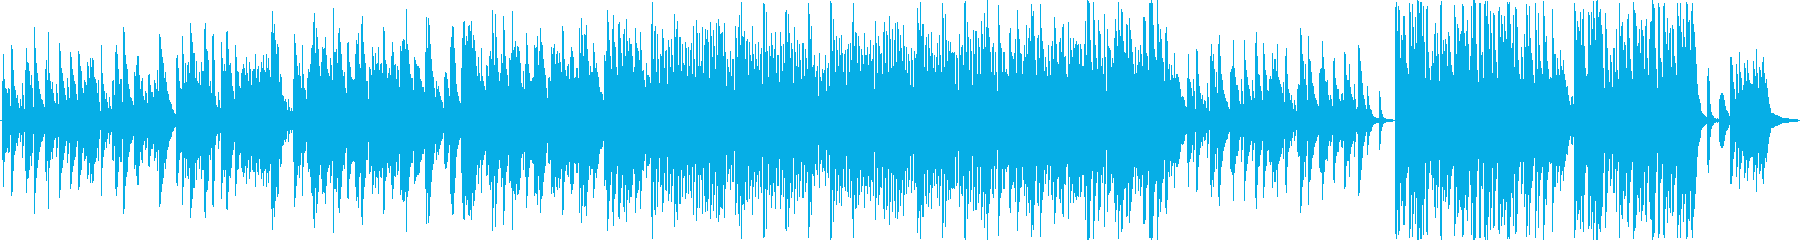 結婚式用ピアノ曲の再生済みの波形